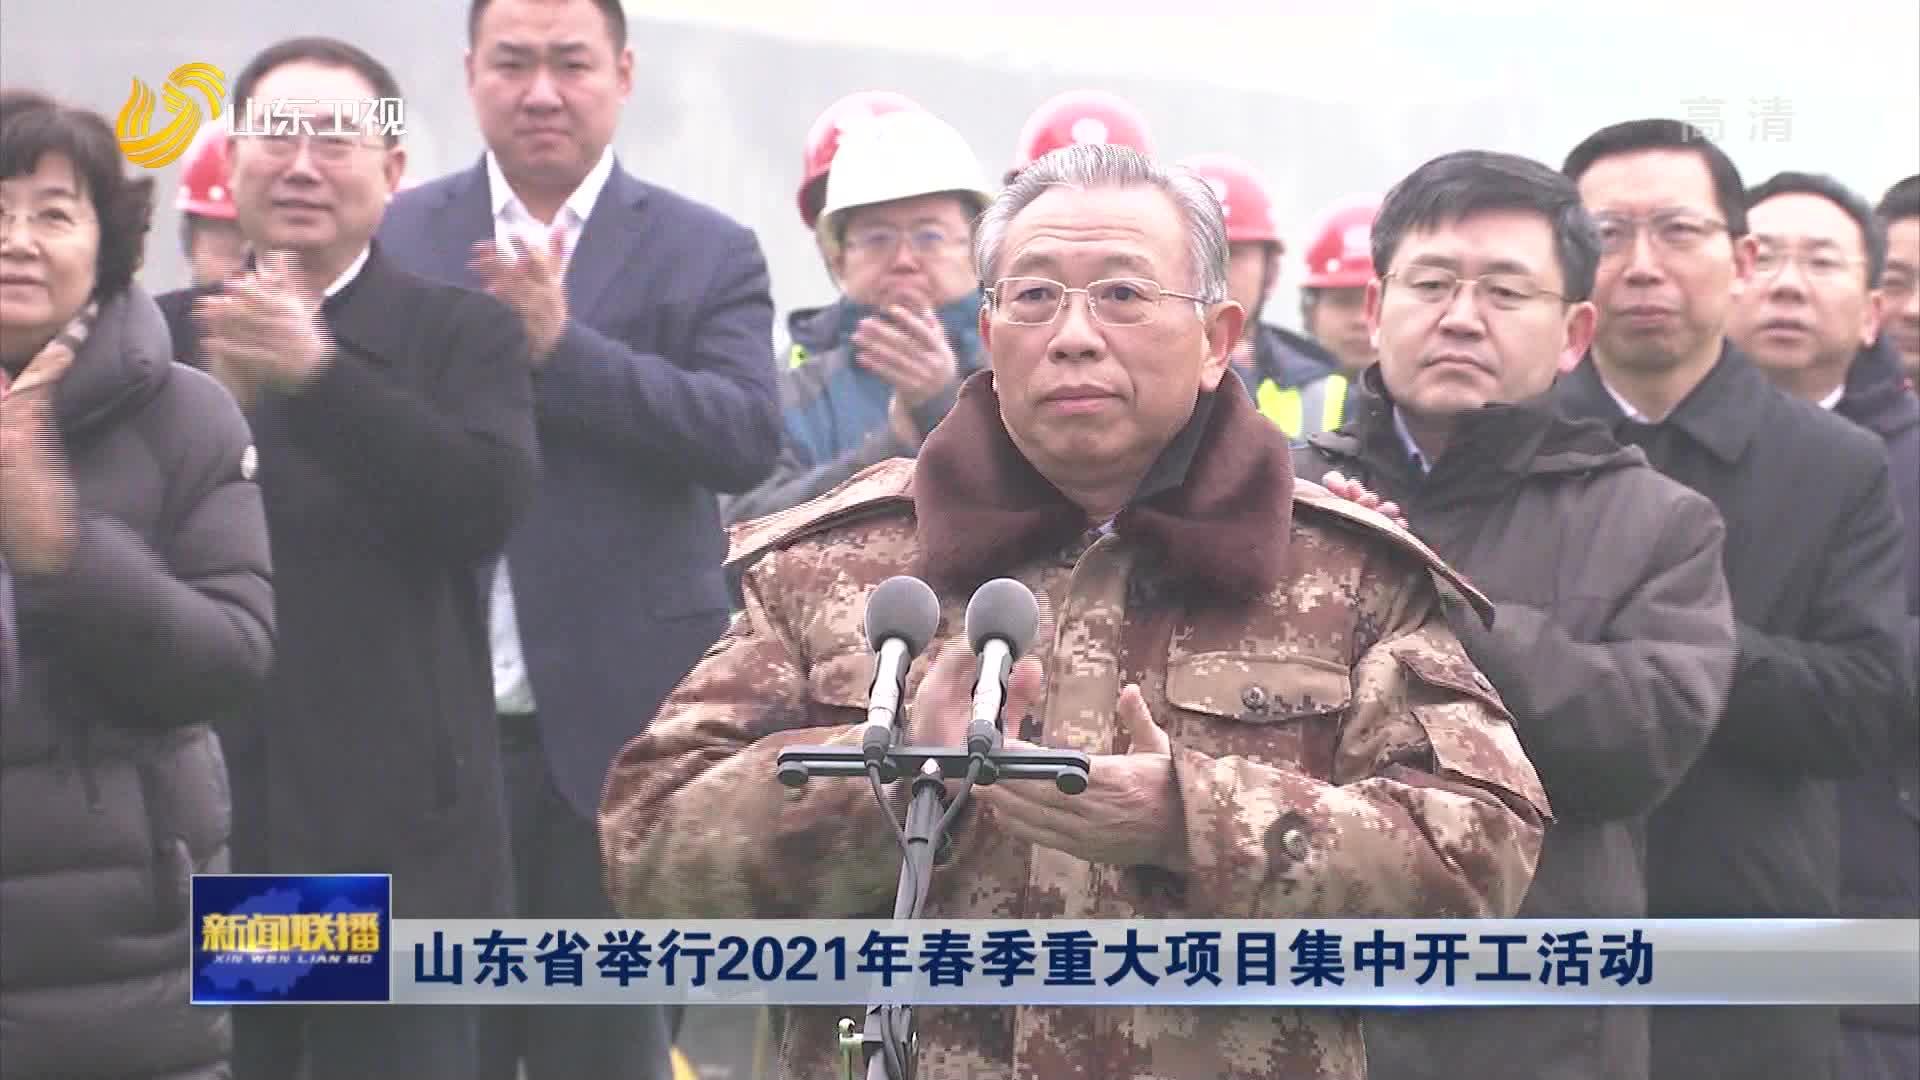 山东省举行2021年春季重大项目集中开工活动